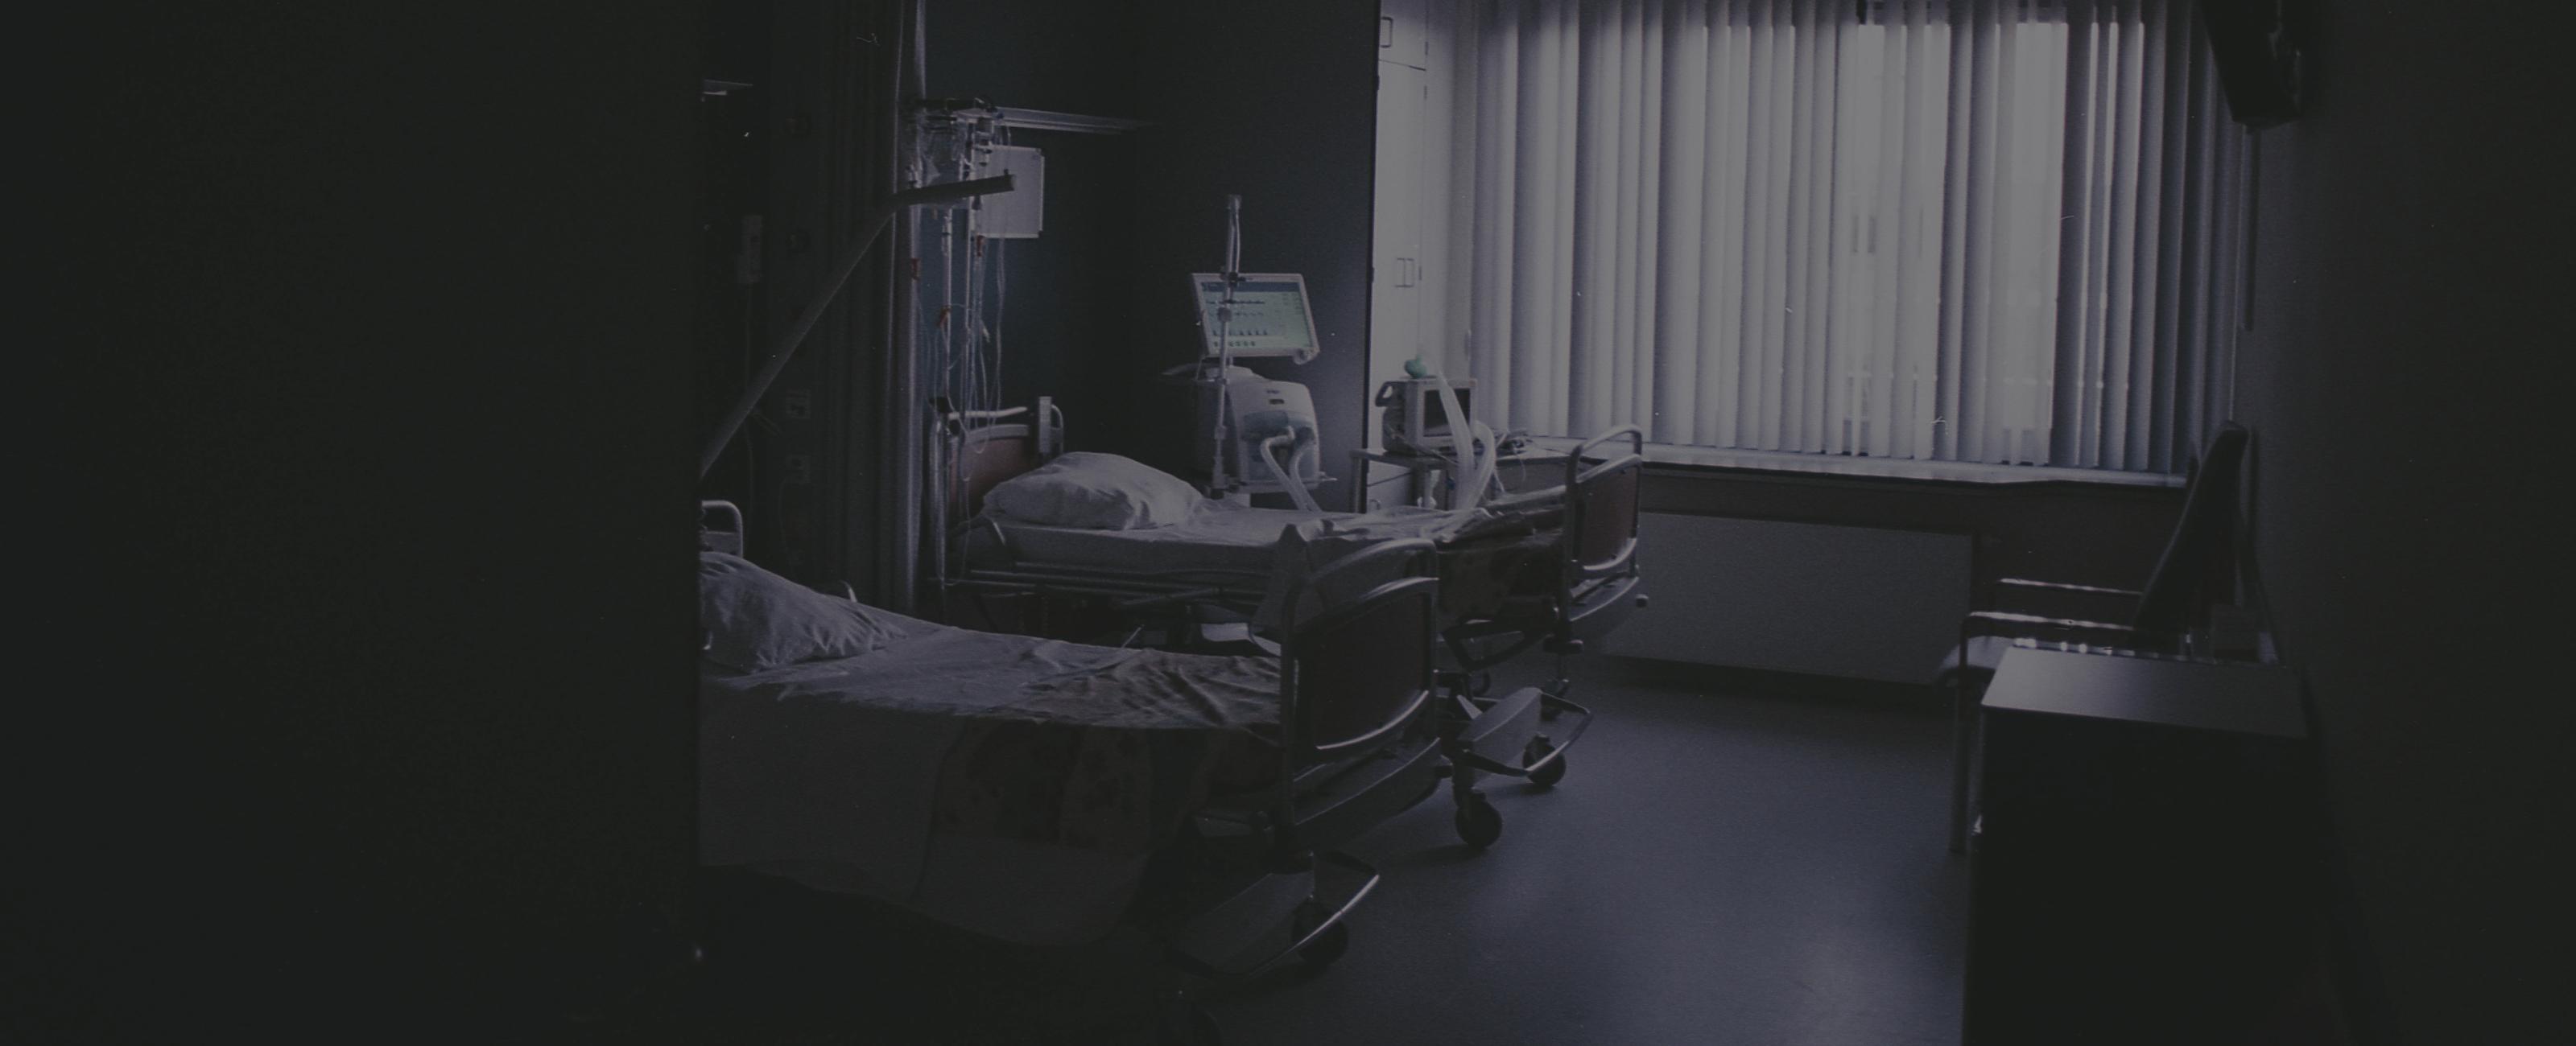 El cáncer y la esperanza: reflexiones desde el hospital